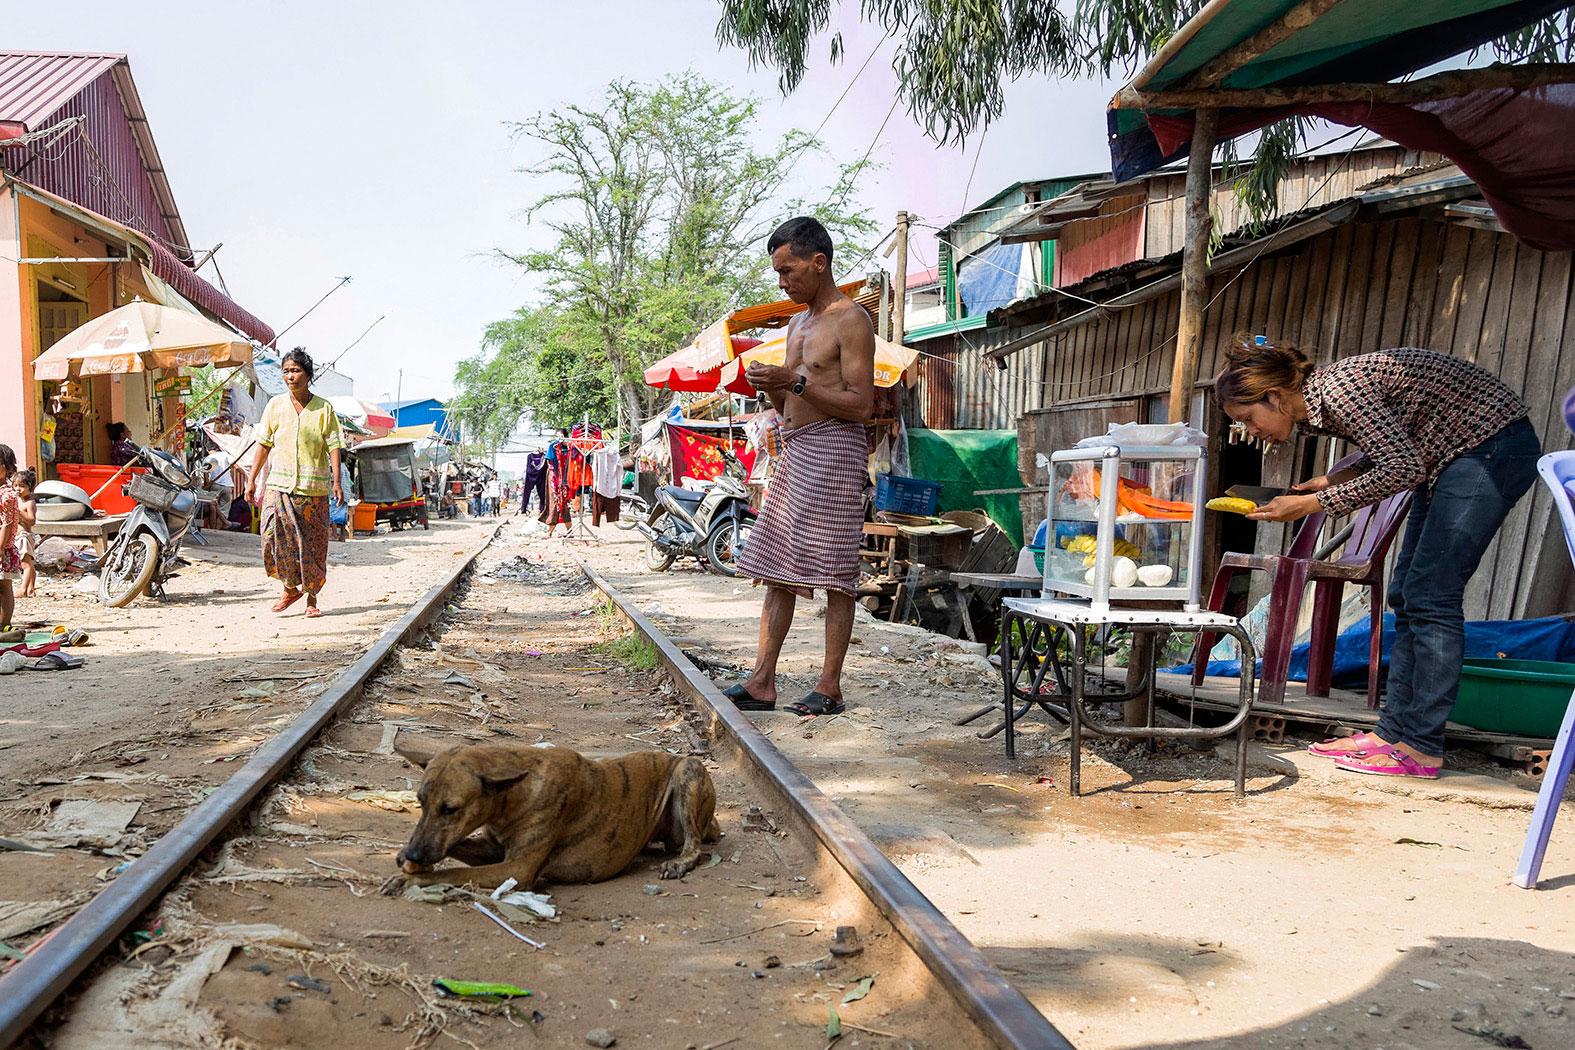 slum-in-Phnom-Penh---cambodia002